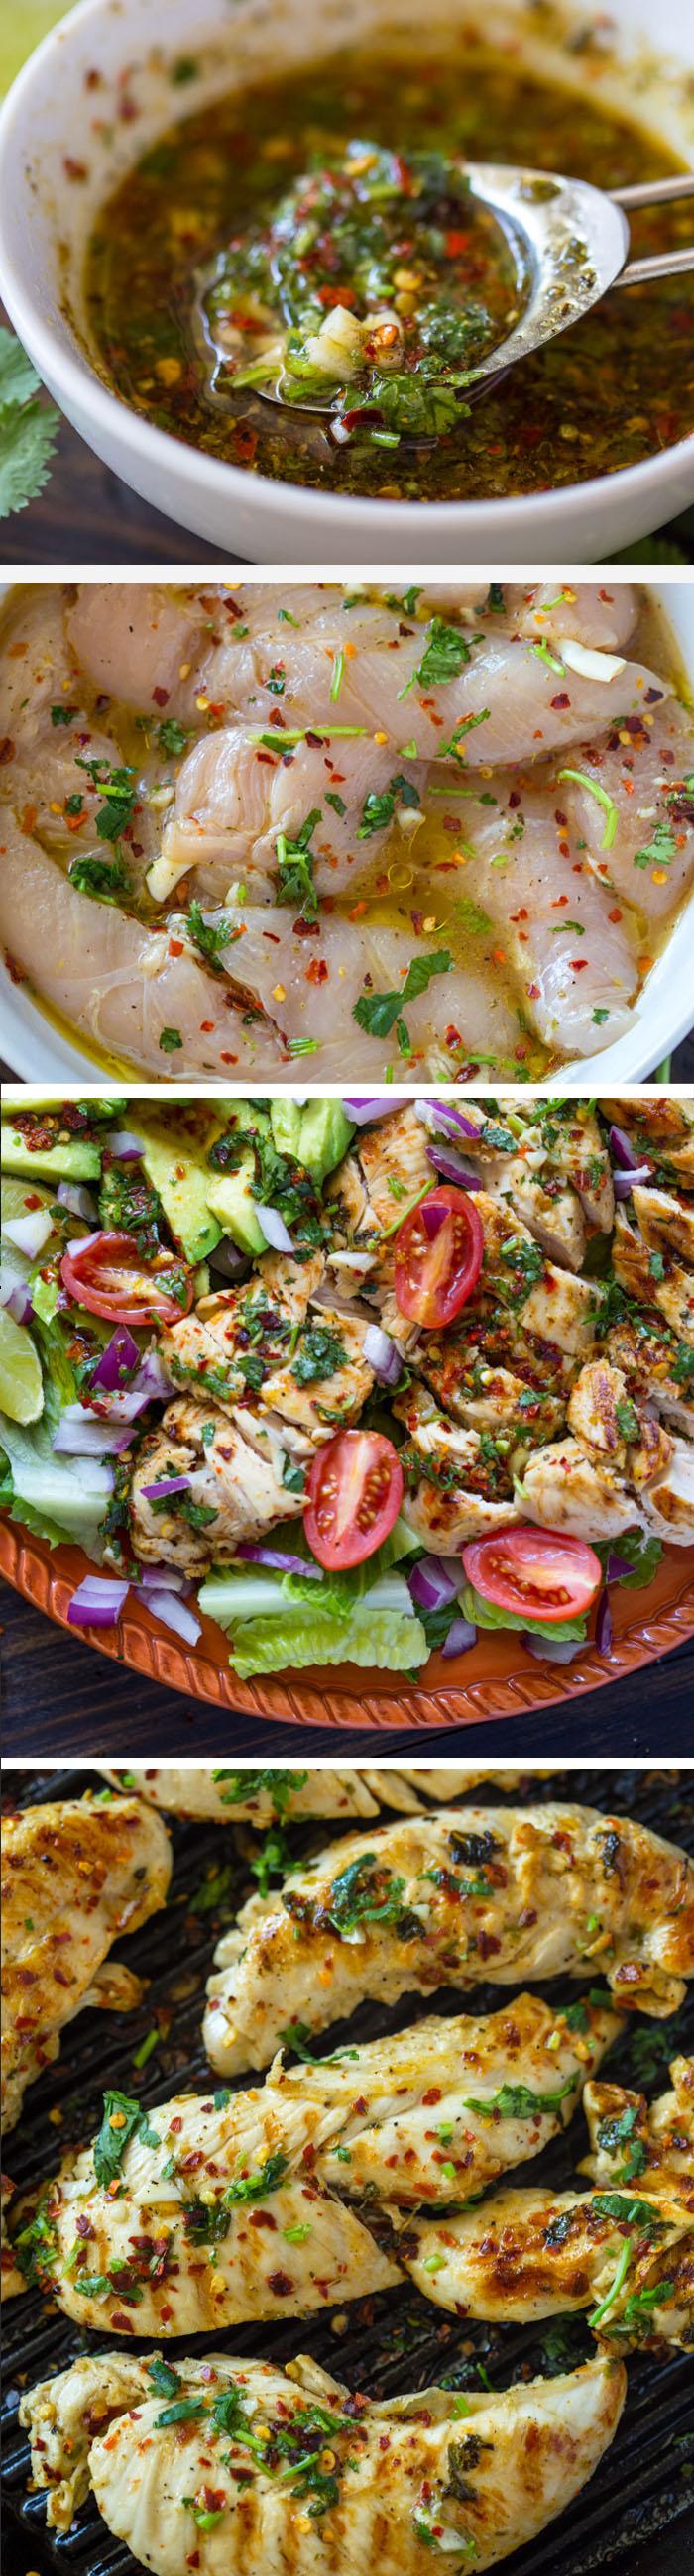 Grilled Chili Cilantro Lime Chicken